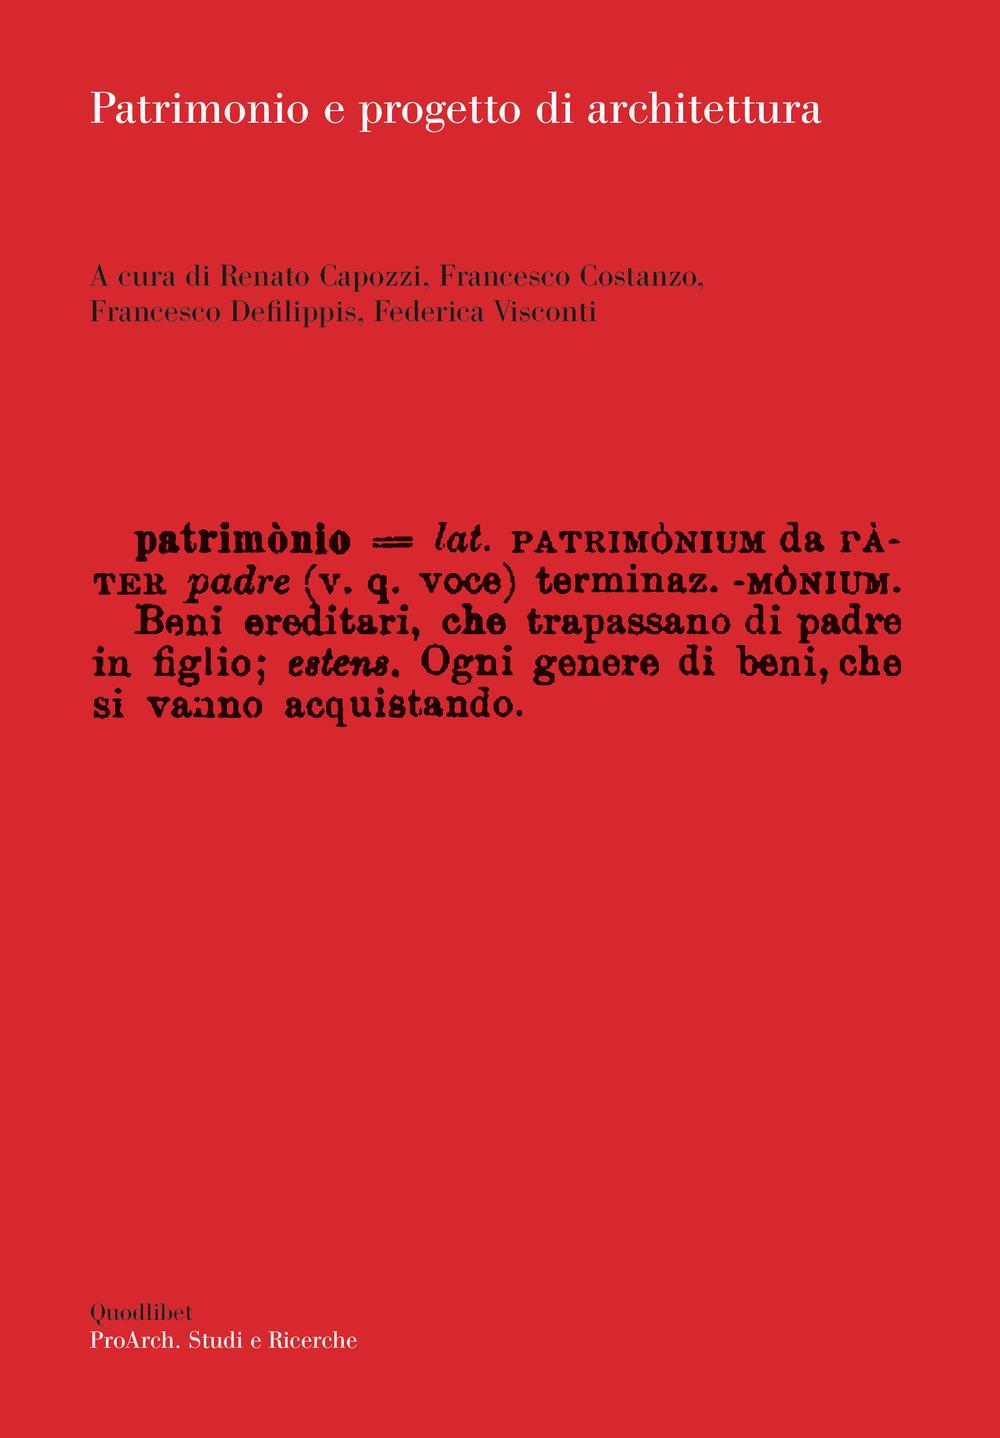 PATRIMONIO E PROGETTO DI ARCHITETTURA - Capozzi R. (cur.); Costanzo F. (cur.); Defilippis F. (cur.) - 9788822906809